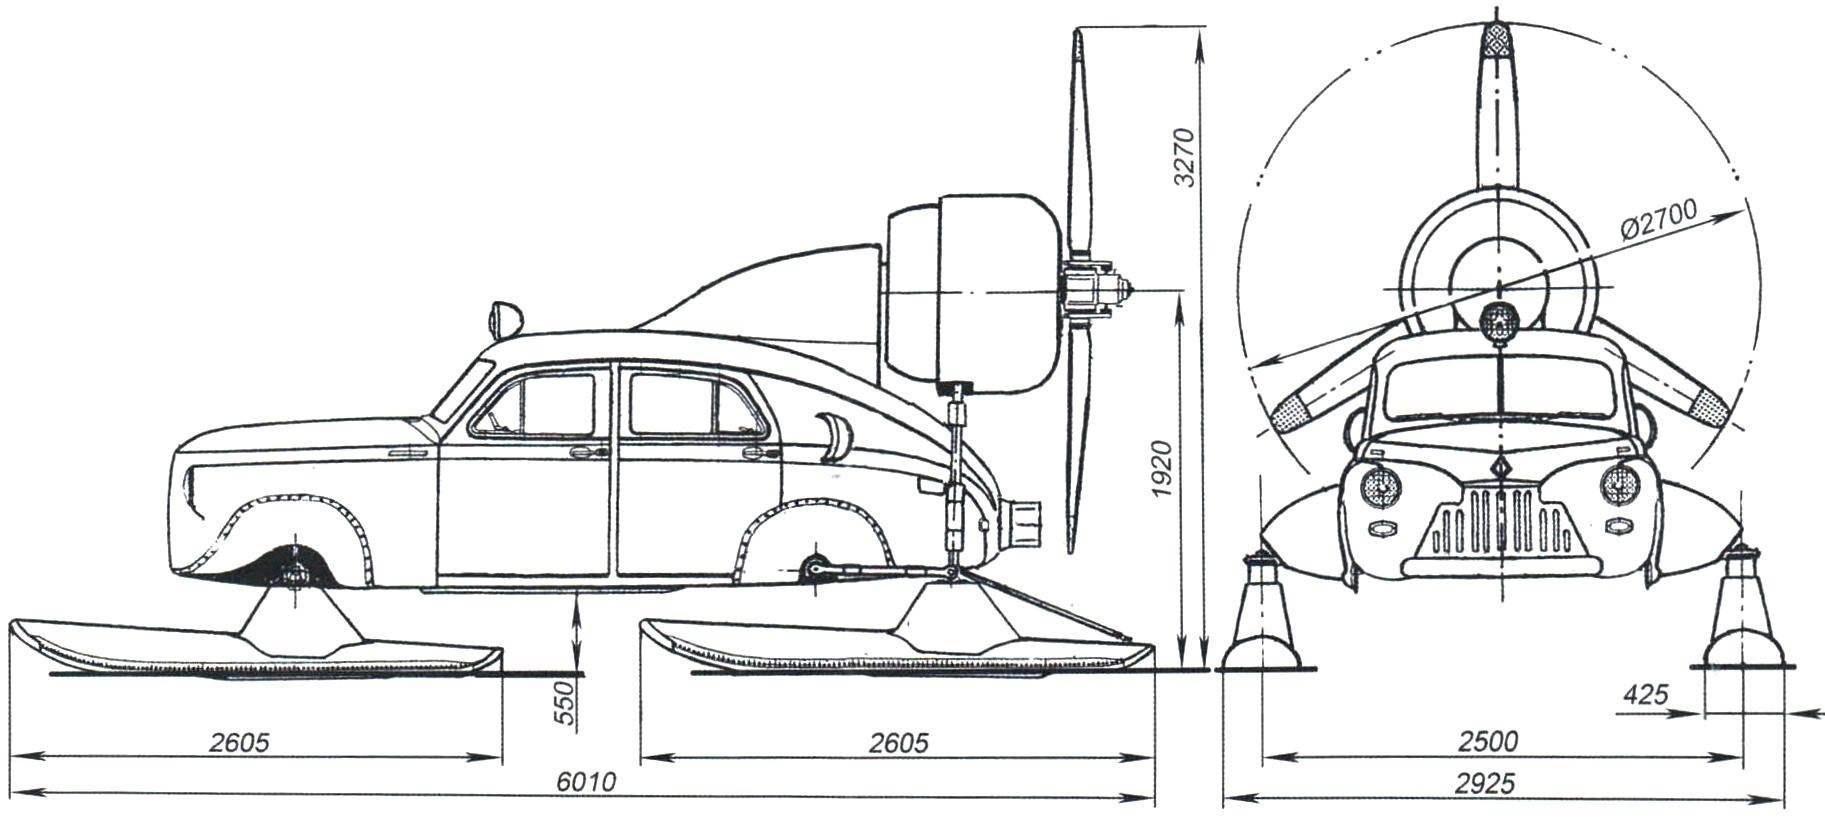 Основные размеры аэросаней «Север-2»